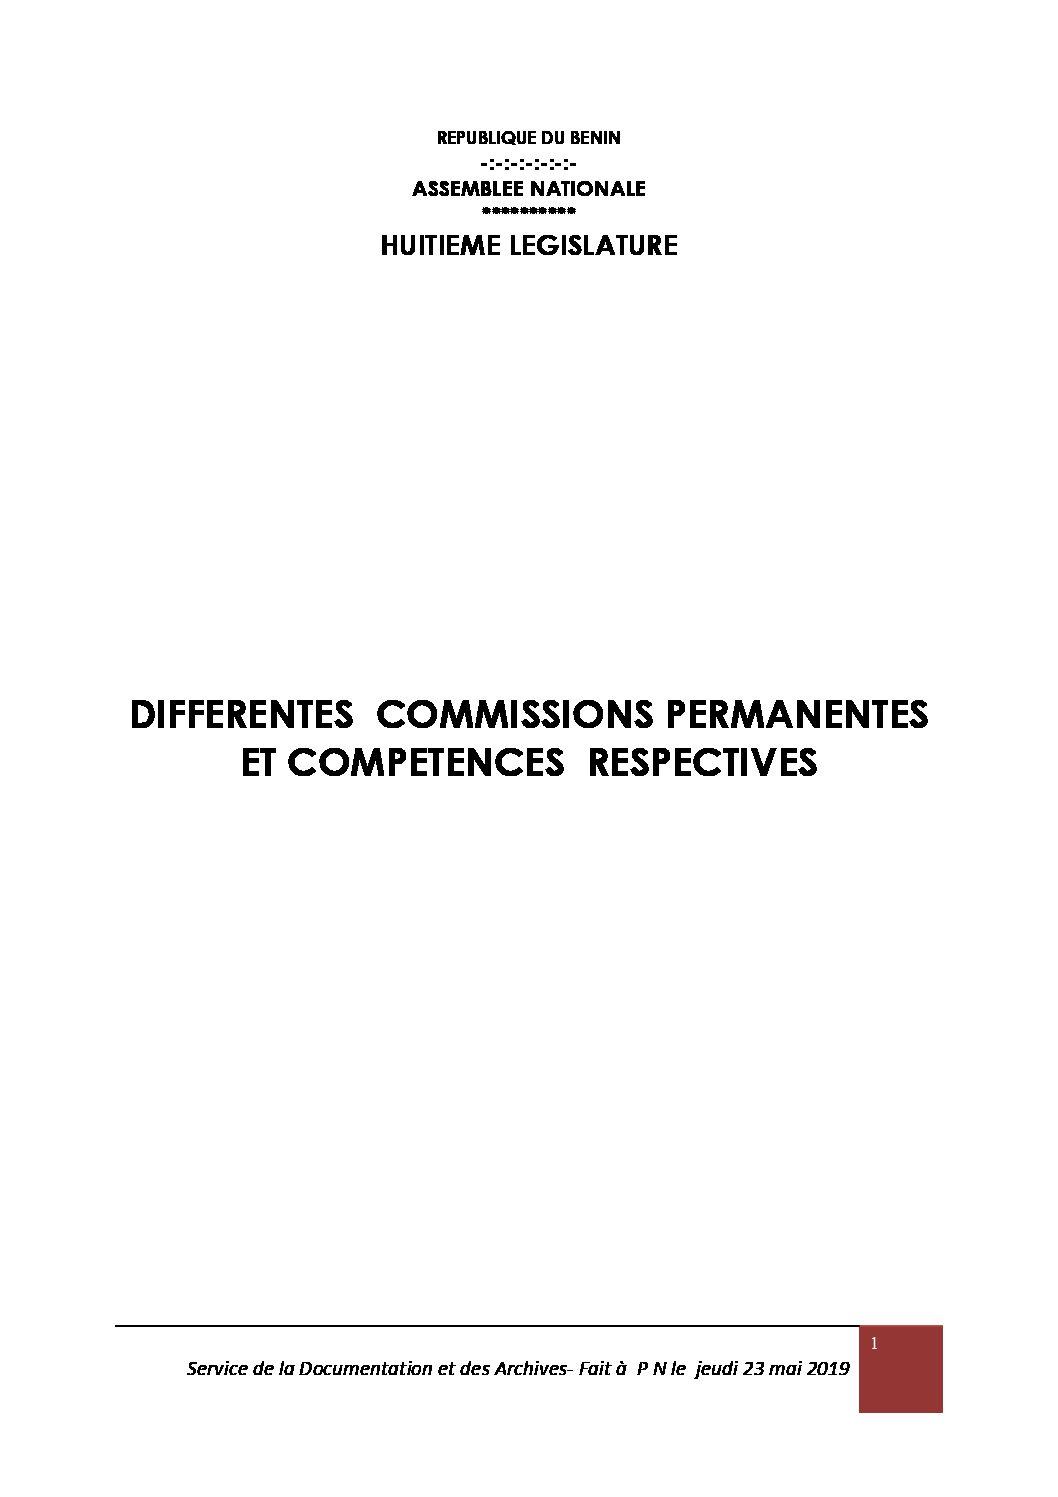 Parlement: Voici les domaines de compétences et les nouvelles compositions des Commissions permanentes